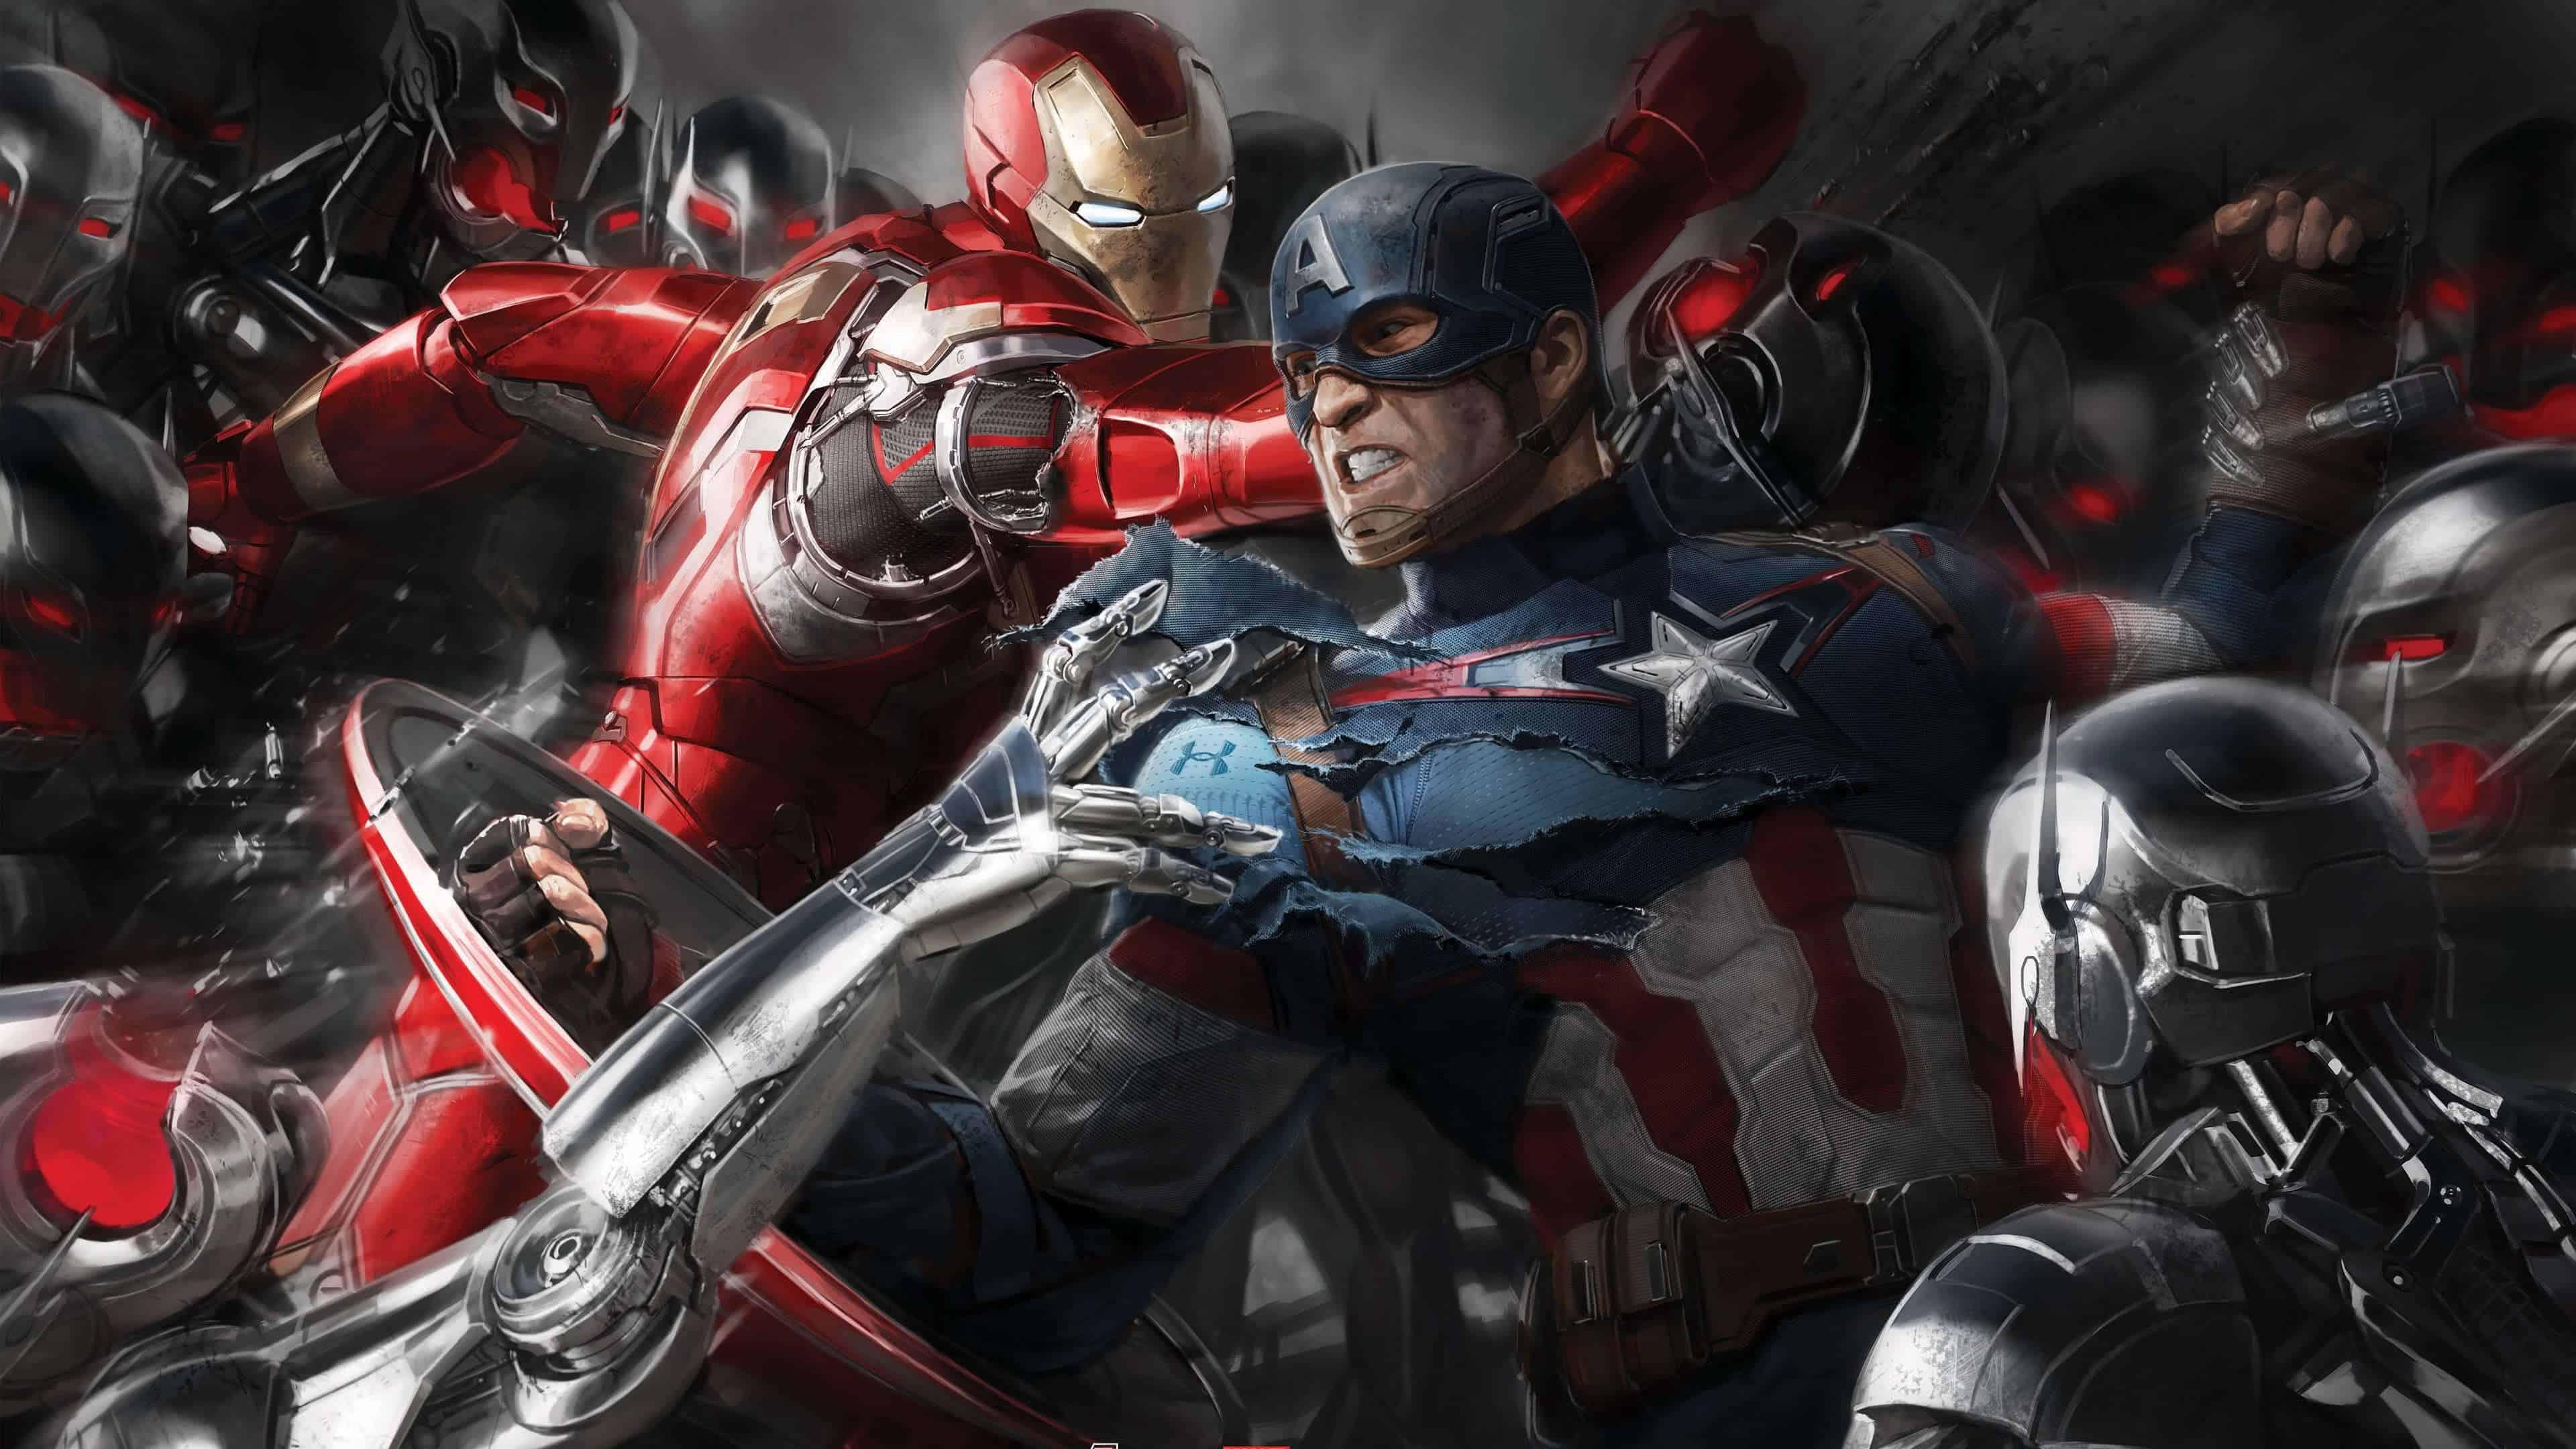 Captain America Civil War 4k: Captain America And Iron Man Civil War UHD 4K Wallpaper